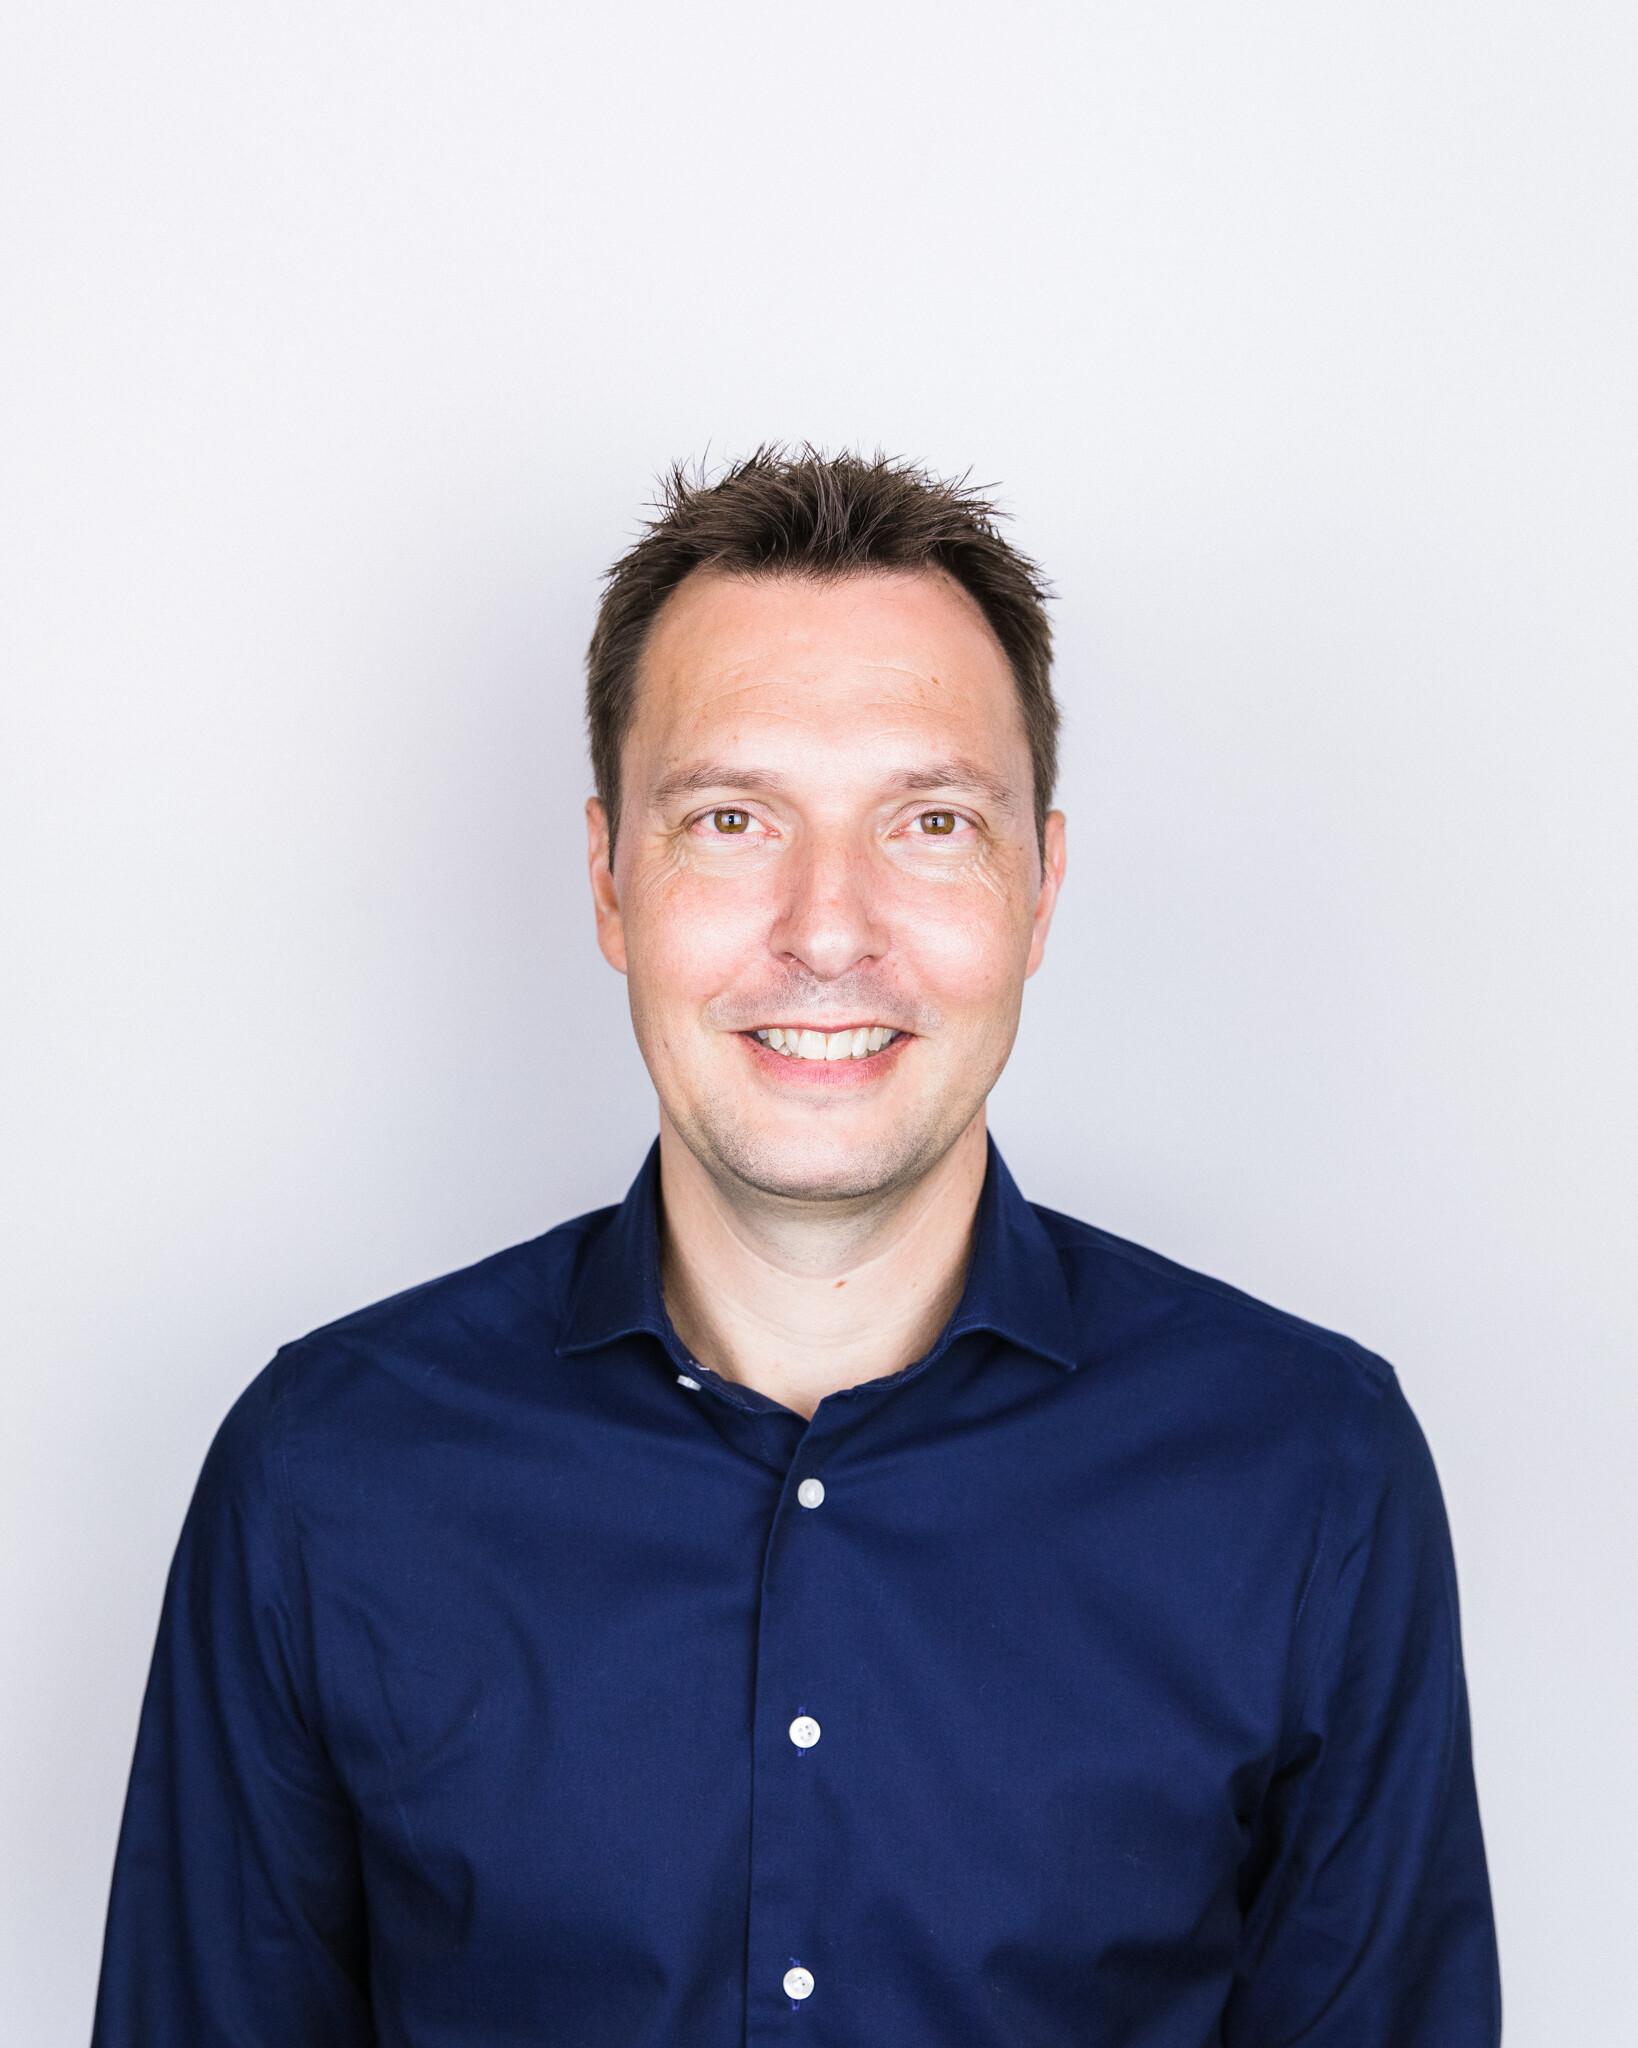 Sander Schiereck